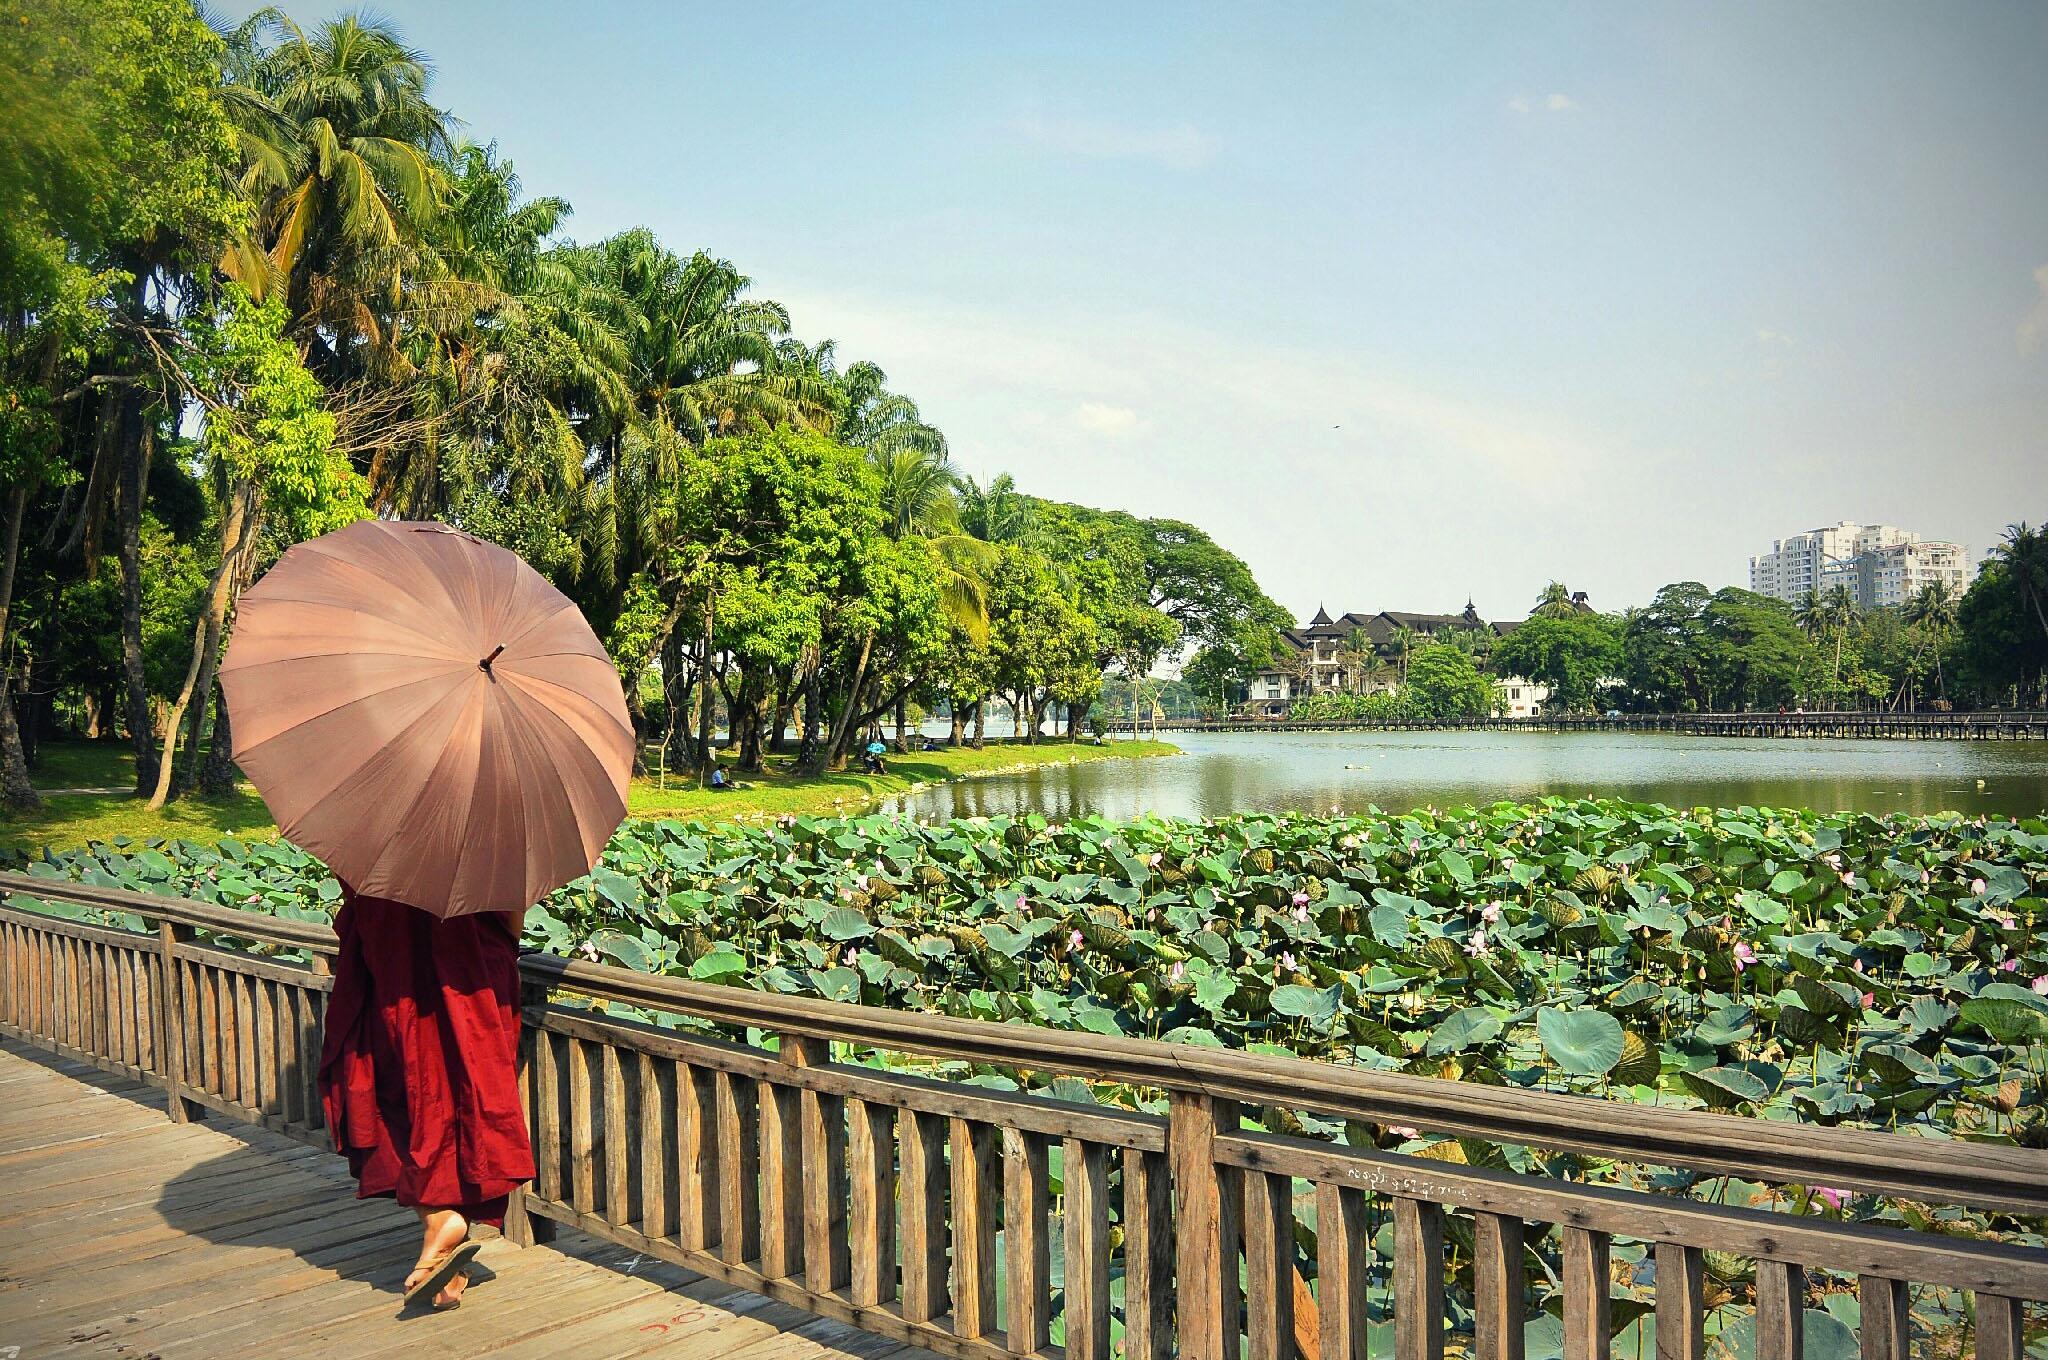 myanmar-yangon-kandawgyi-lake